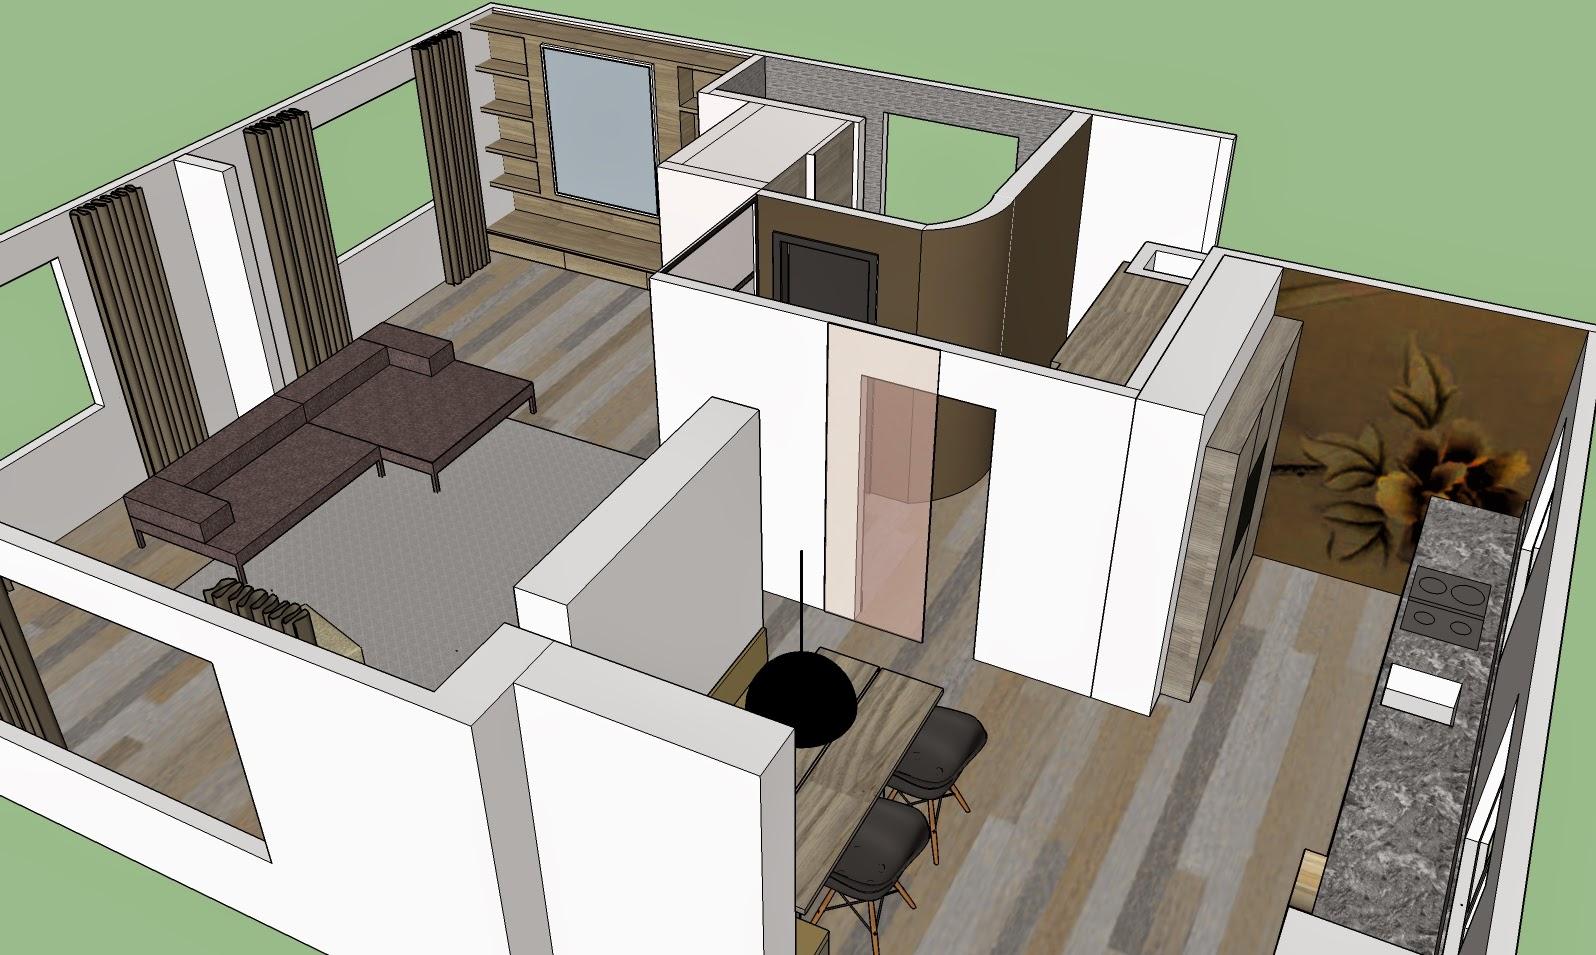 Umbau küche ins wohnzimmer – dumss.com